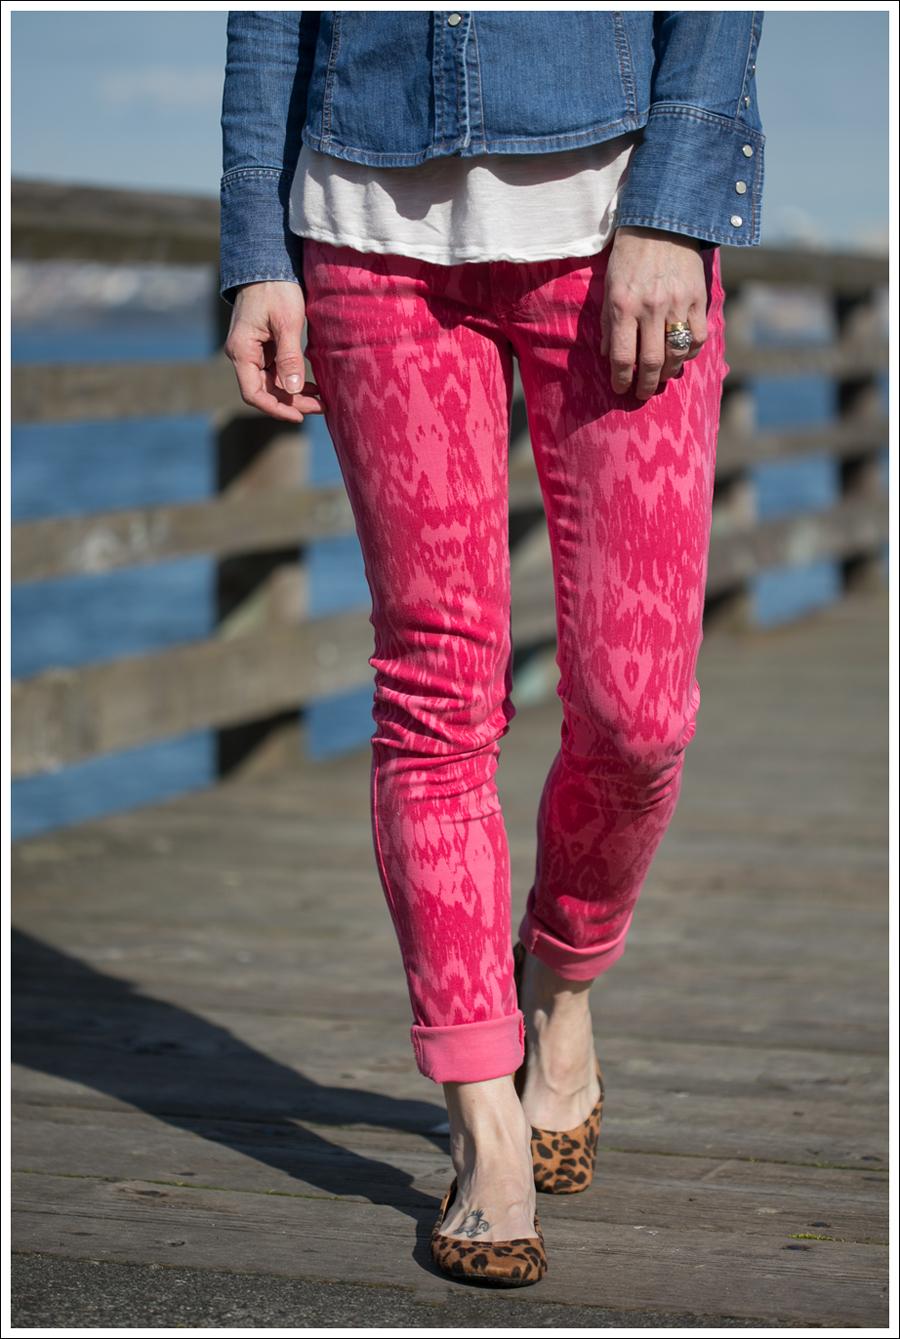 Blog Gap Shirt Black Orchid Ikat Jeans Leopard Flats-2